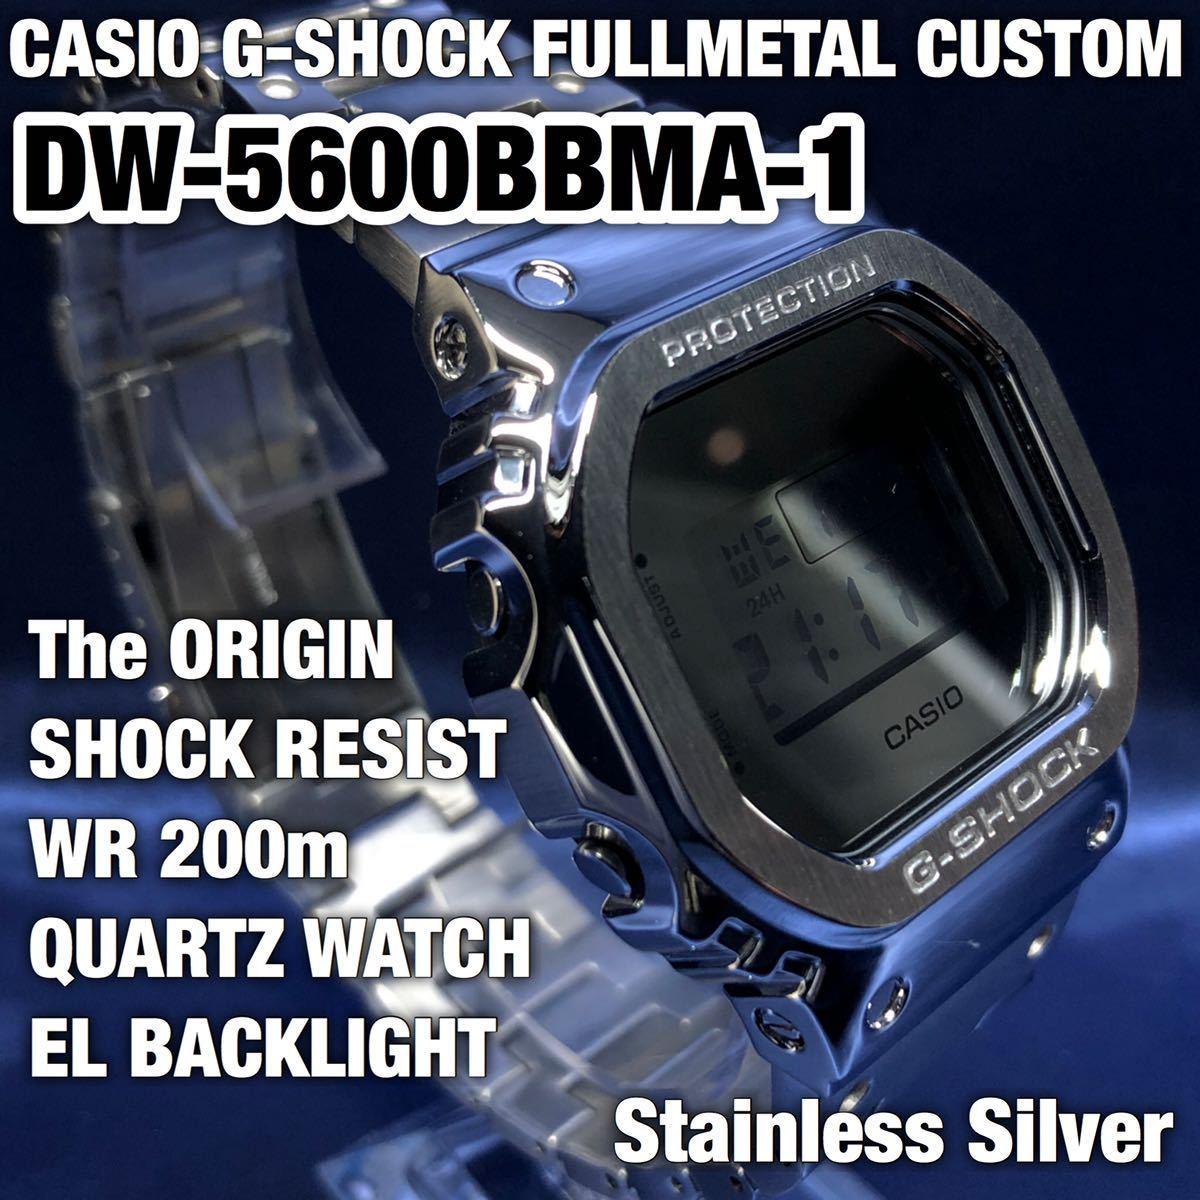 カシオ/CASIO G-SHOCK DW-5600BBMA-1DR フルメタルカスタム ステンレスシルバー 未使用品 送料無料 おまけ付き